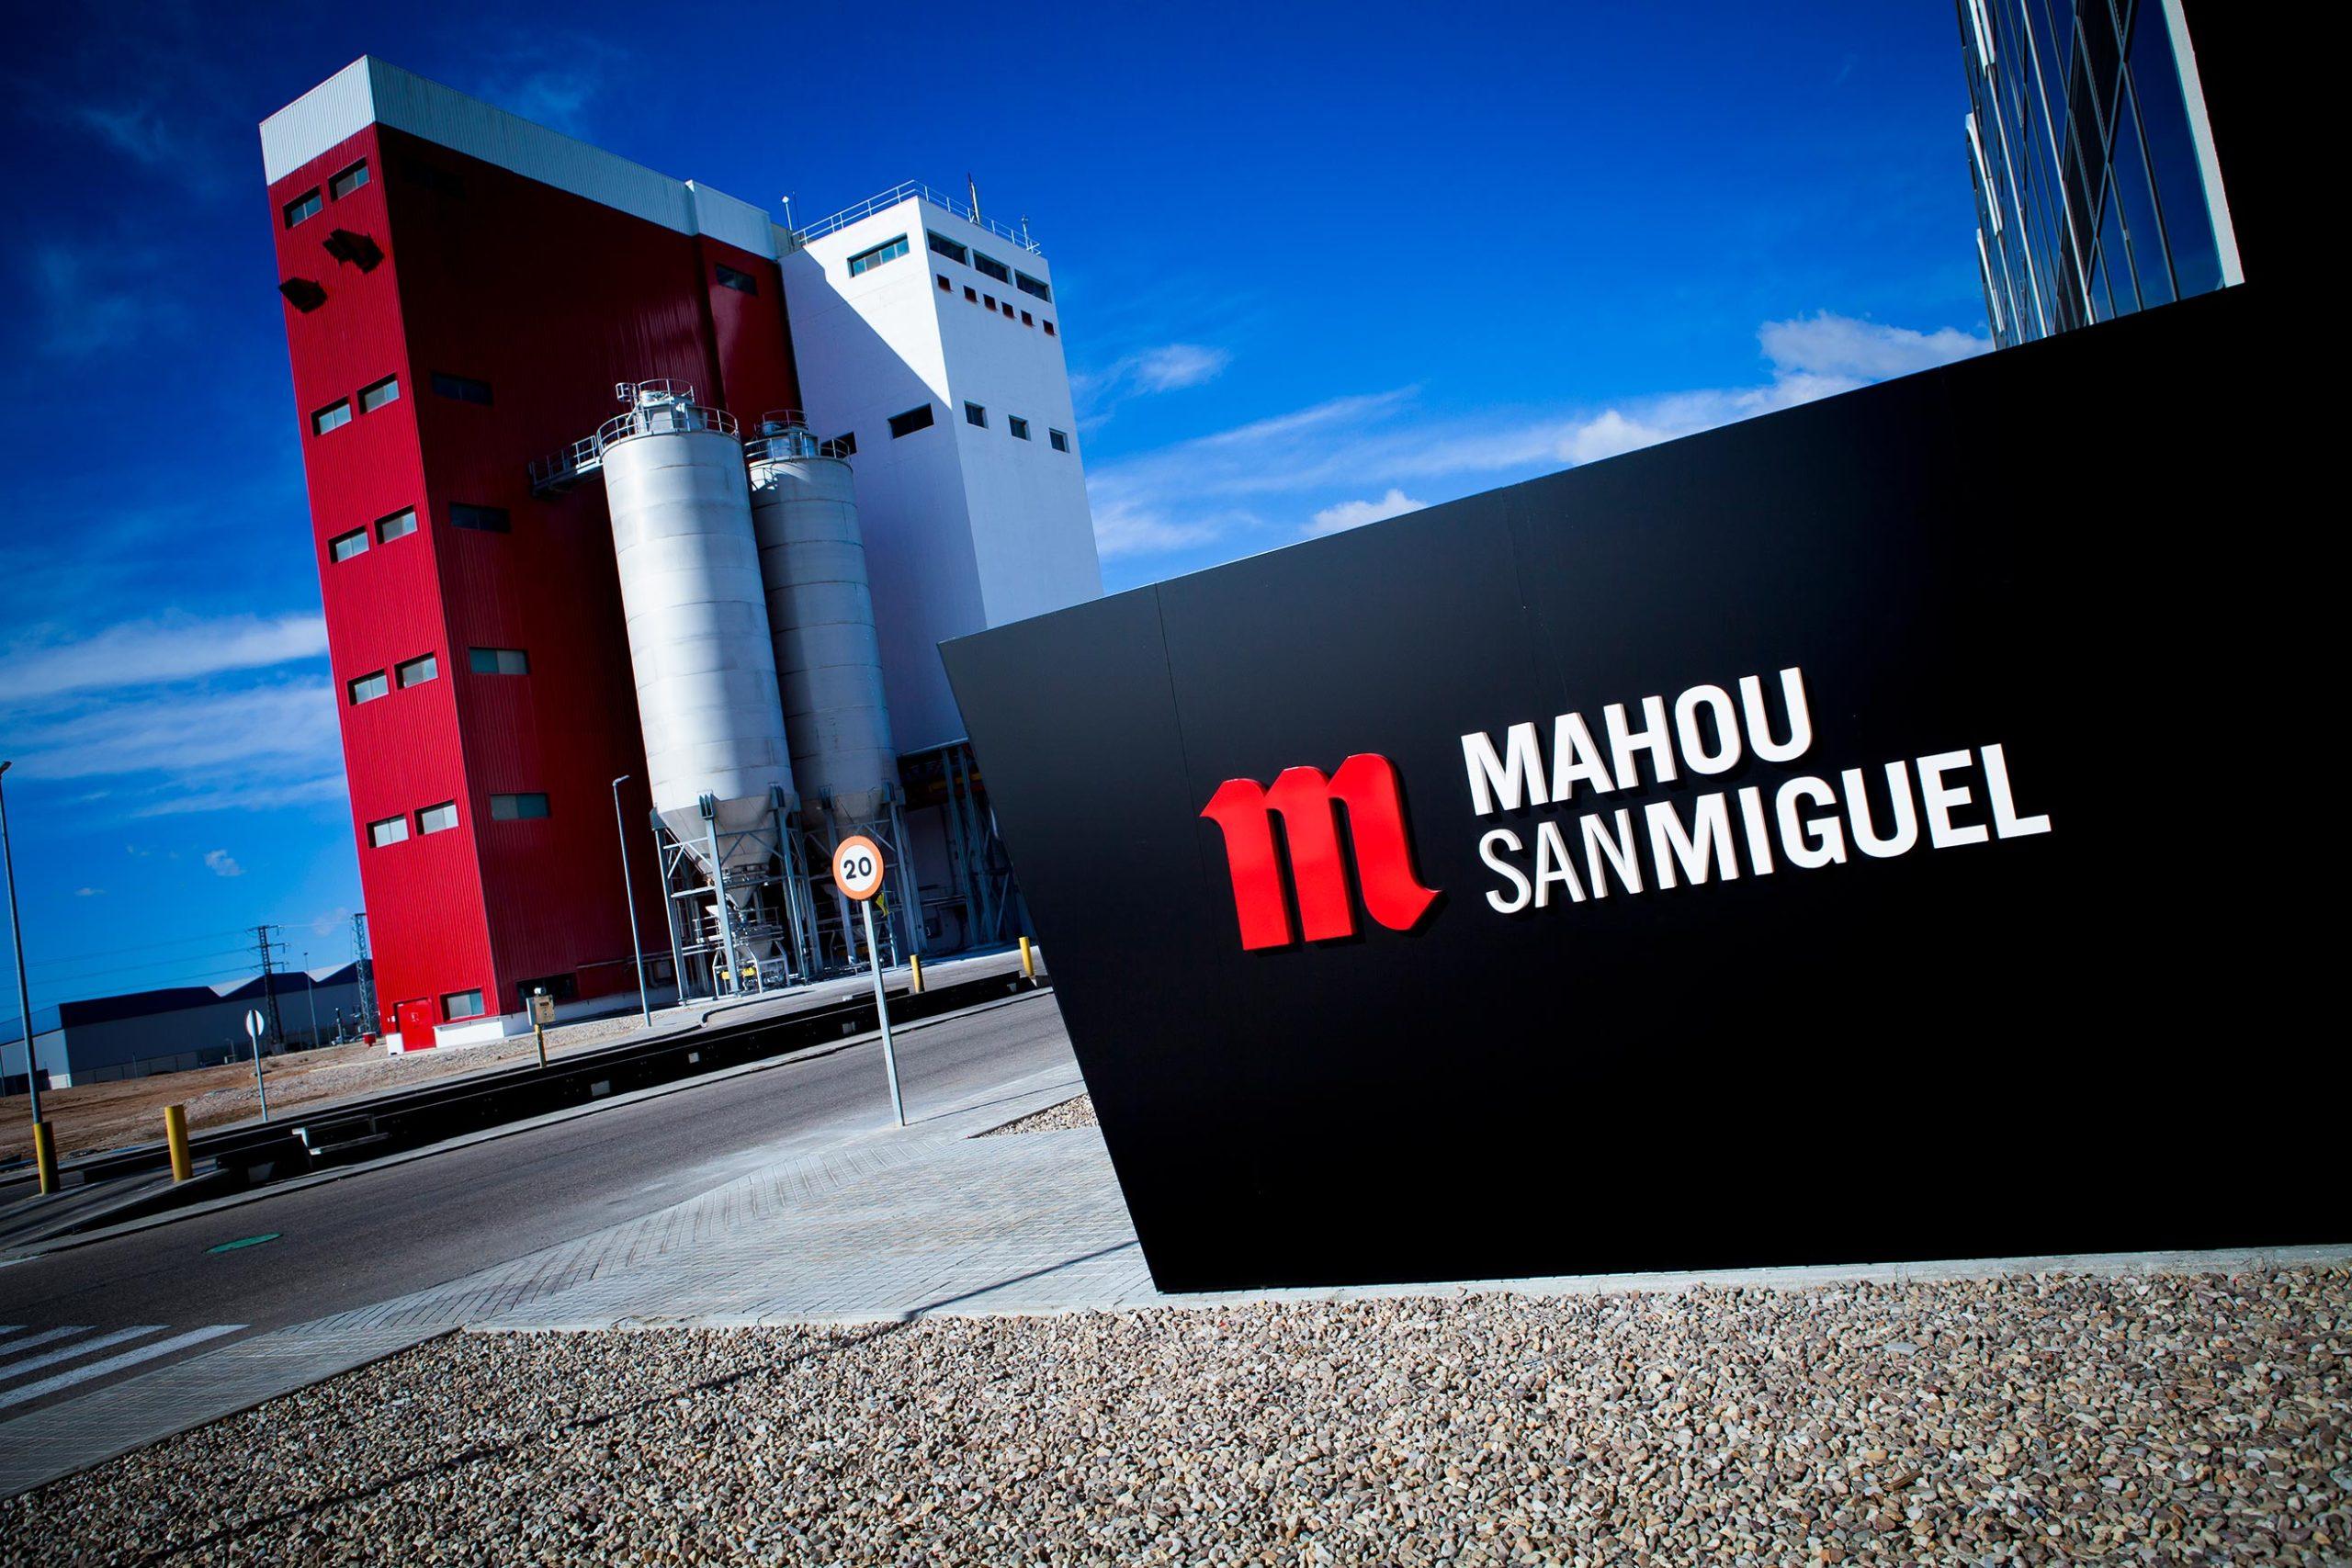 Mahou San Miguel se convierte en la cervecera española con la mayor instalación de autoconsumo fotovoltaico